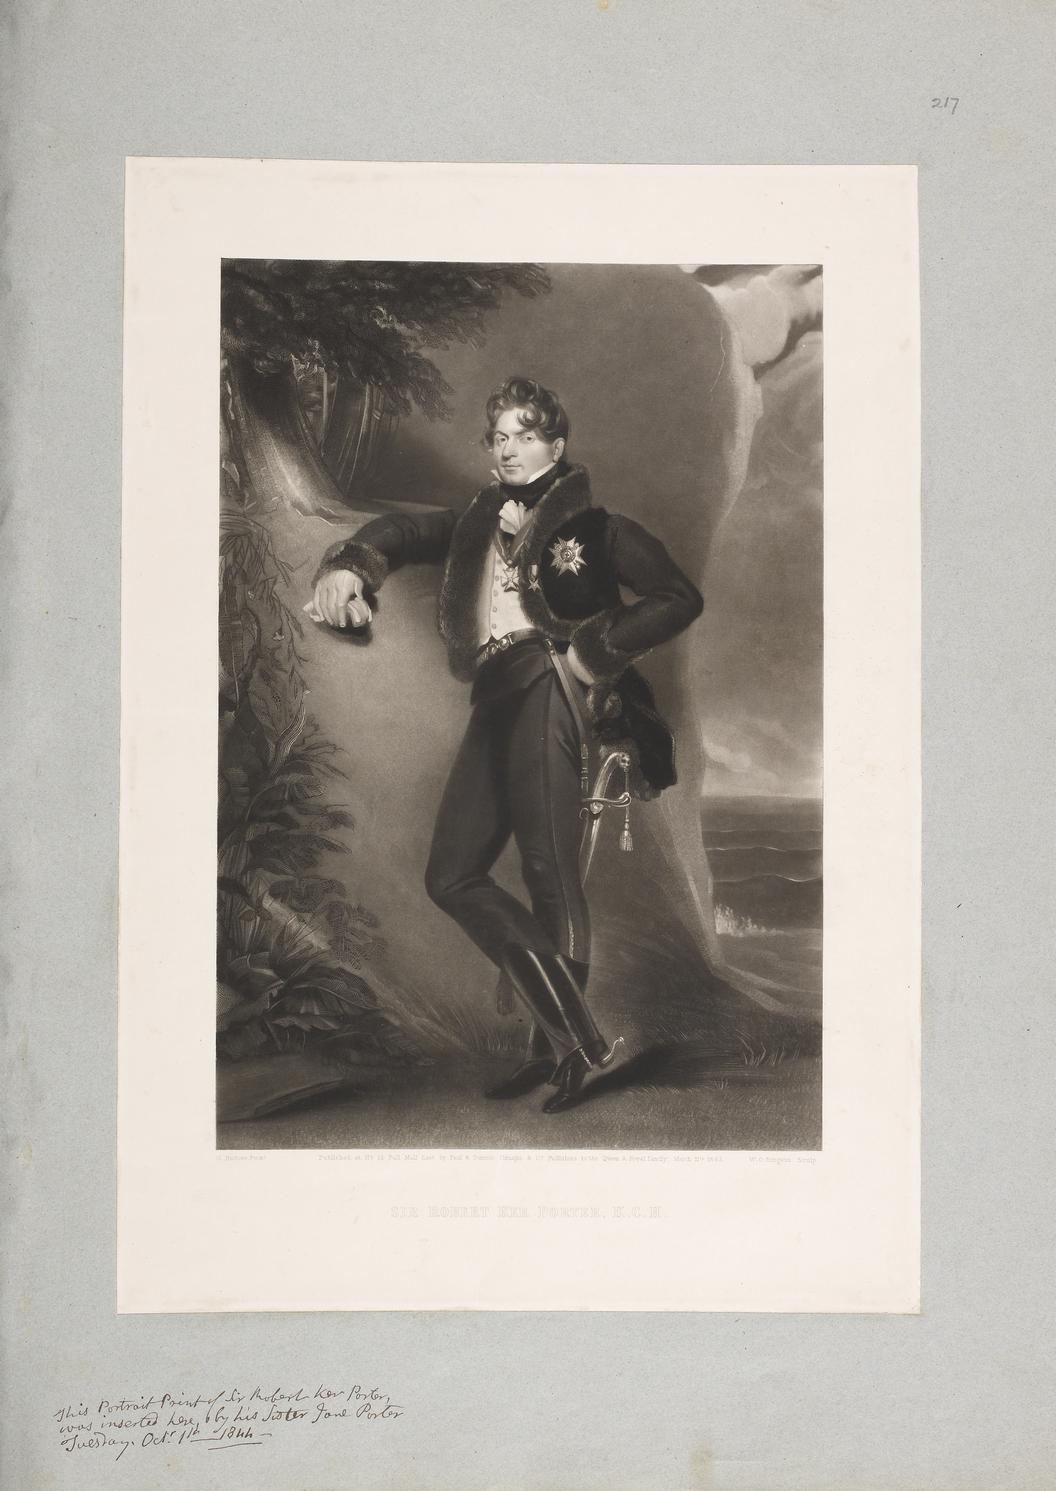 Портрет Роберта Кер Портера, написанный Уильямом Оукли Бёрджессом. 1843 год. Национальная портретная галерея (Лондон)